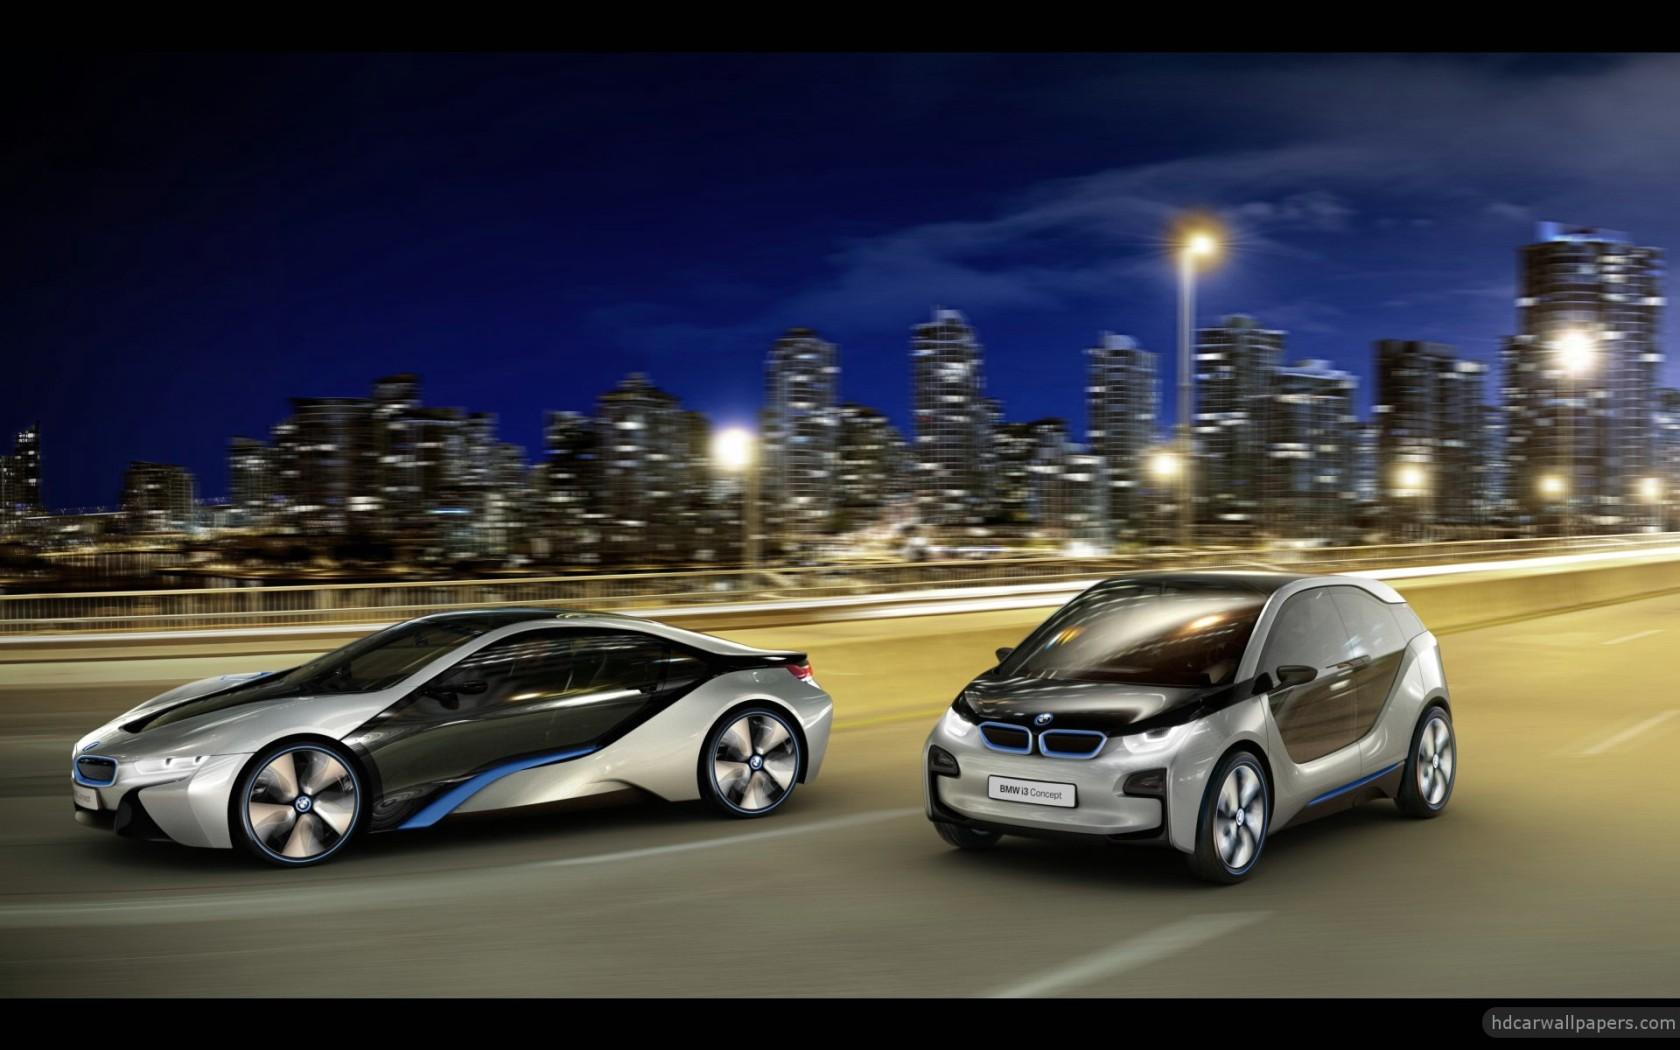 High Performance Car Pc Desktop Wallpaper 2012 Bmw I8 Amp I3 Concept Cars 3 Wallpaper Hd Car